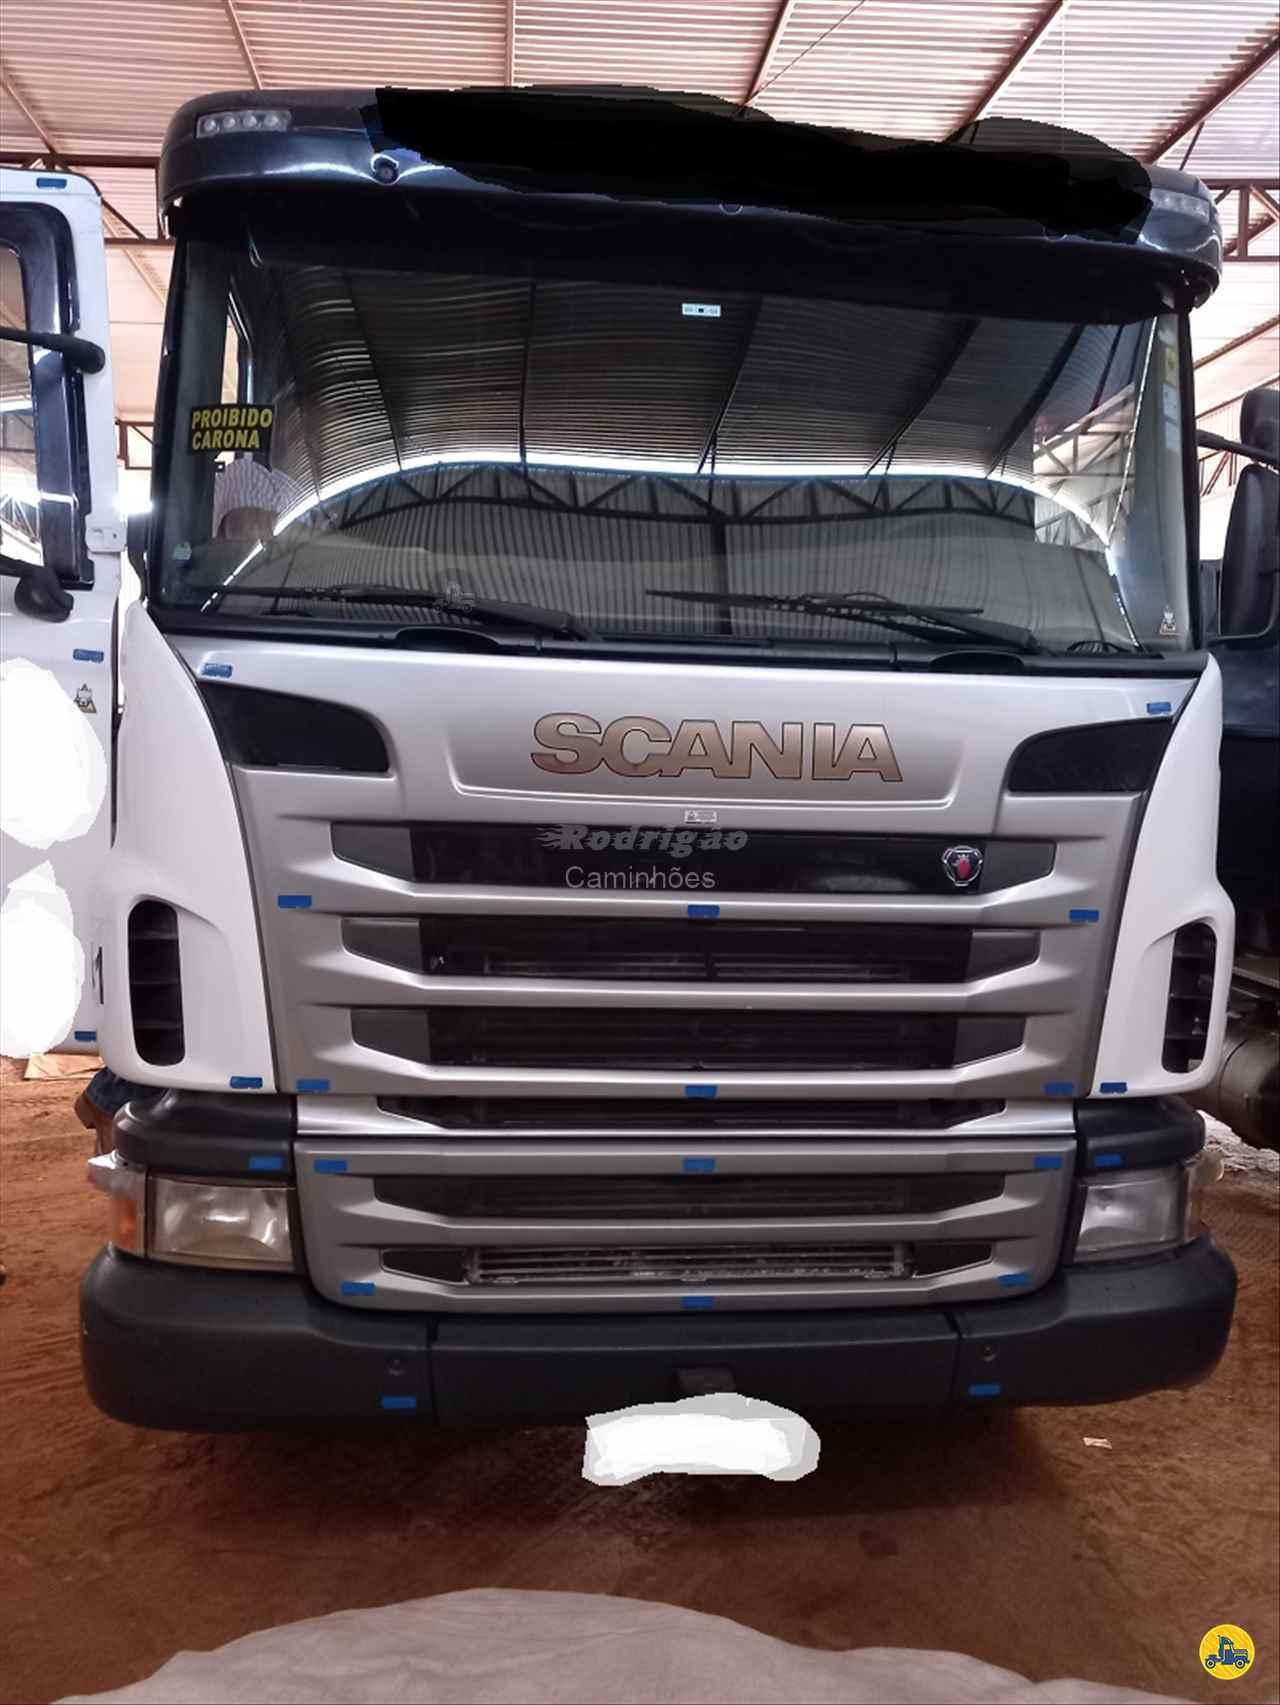 CAMINHAO SCANIA SCANIA 420 Cavalo Mecânico Traçado 6x4 Rodrigão Caminhões São José do Rio Preto SÃO PAULO SP